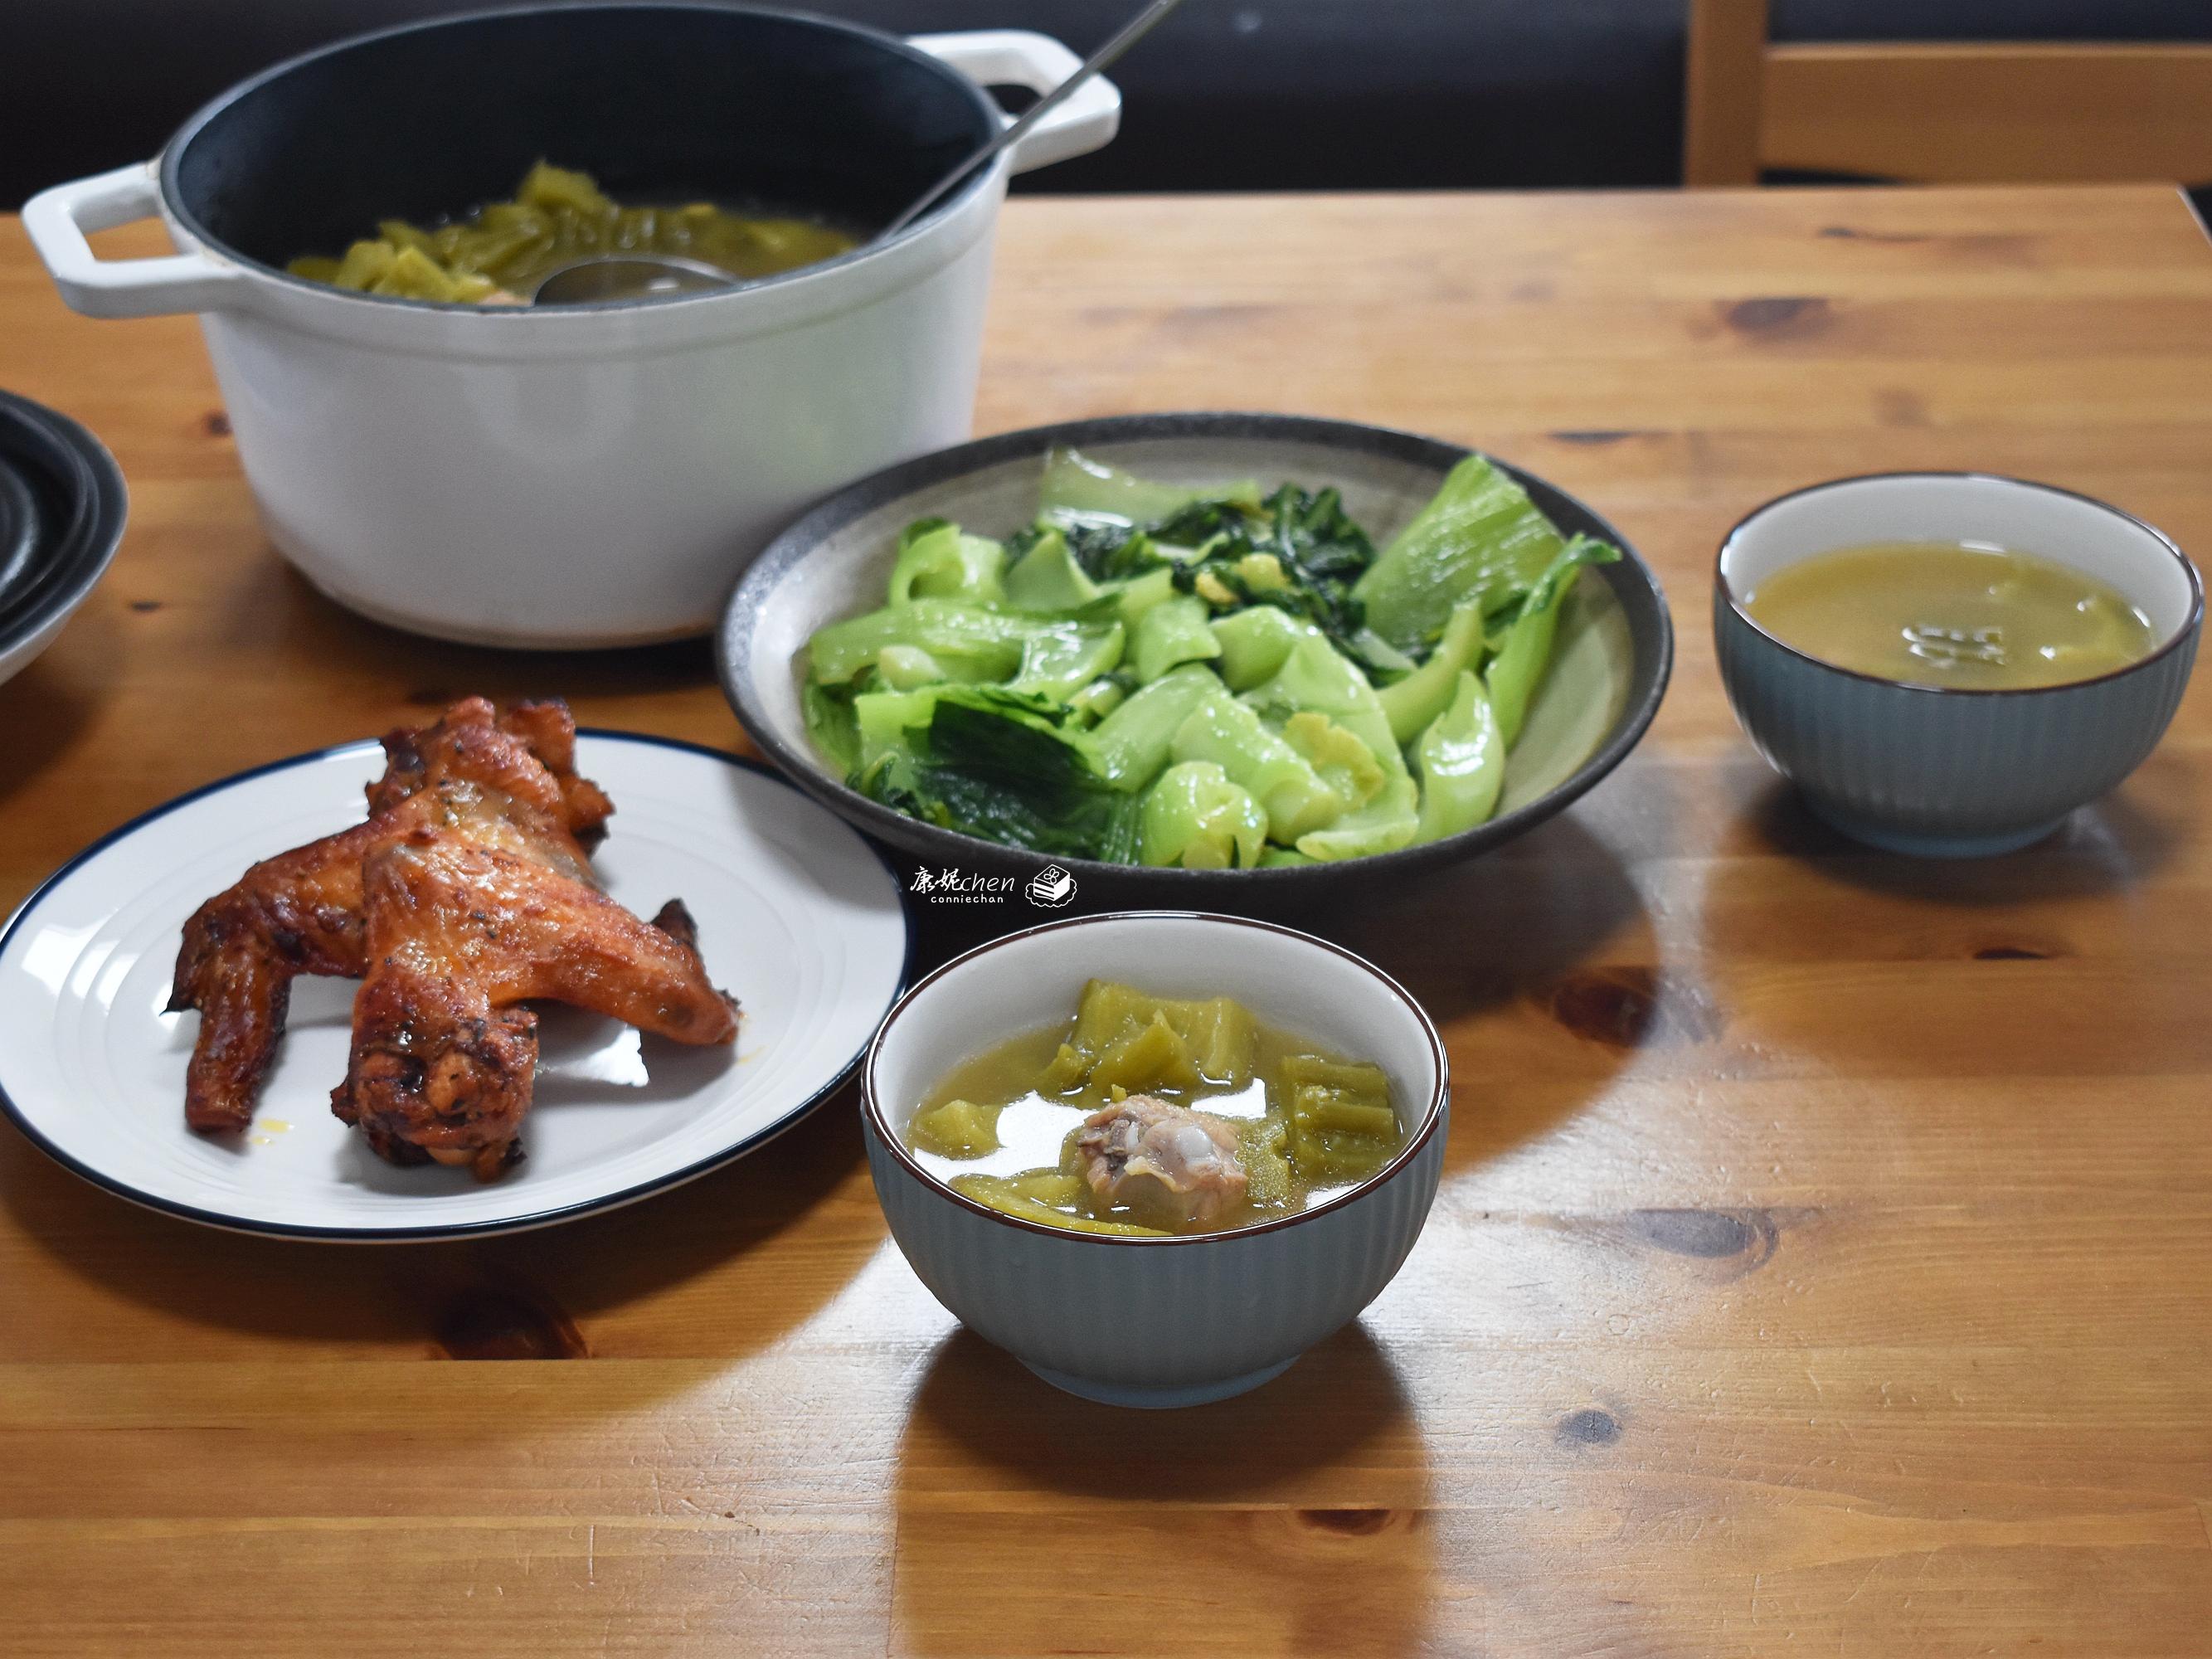 晒我家一周晚餐,顿顿有汤水荤素巧搭配 晚餐 第5张